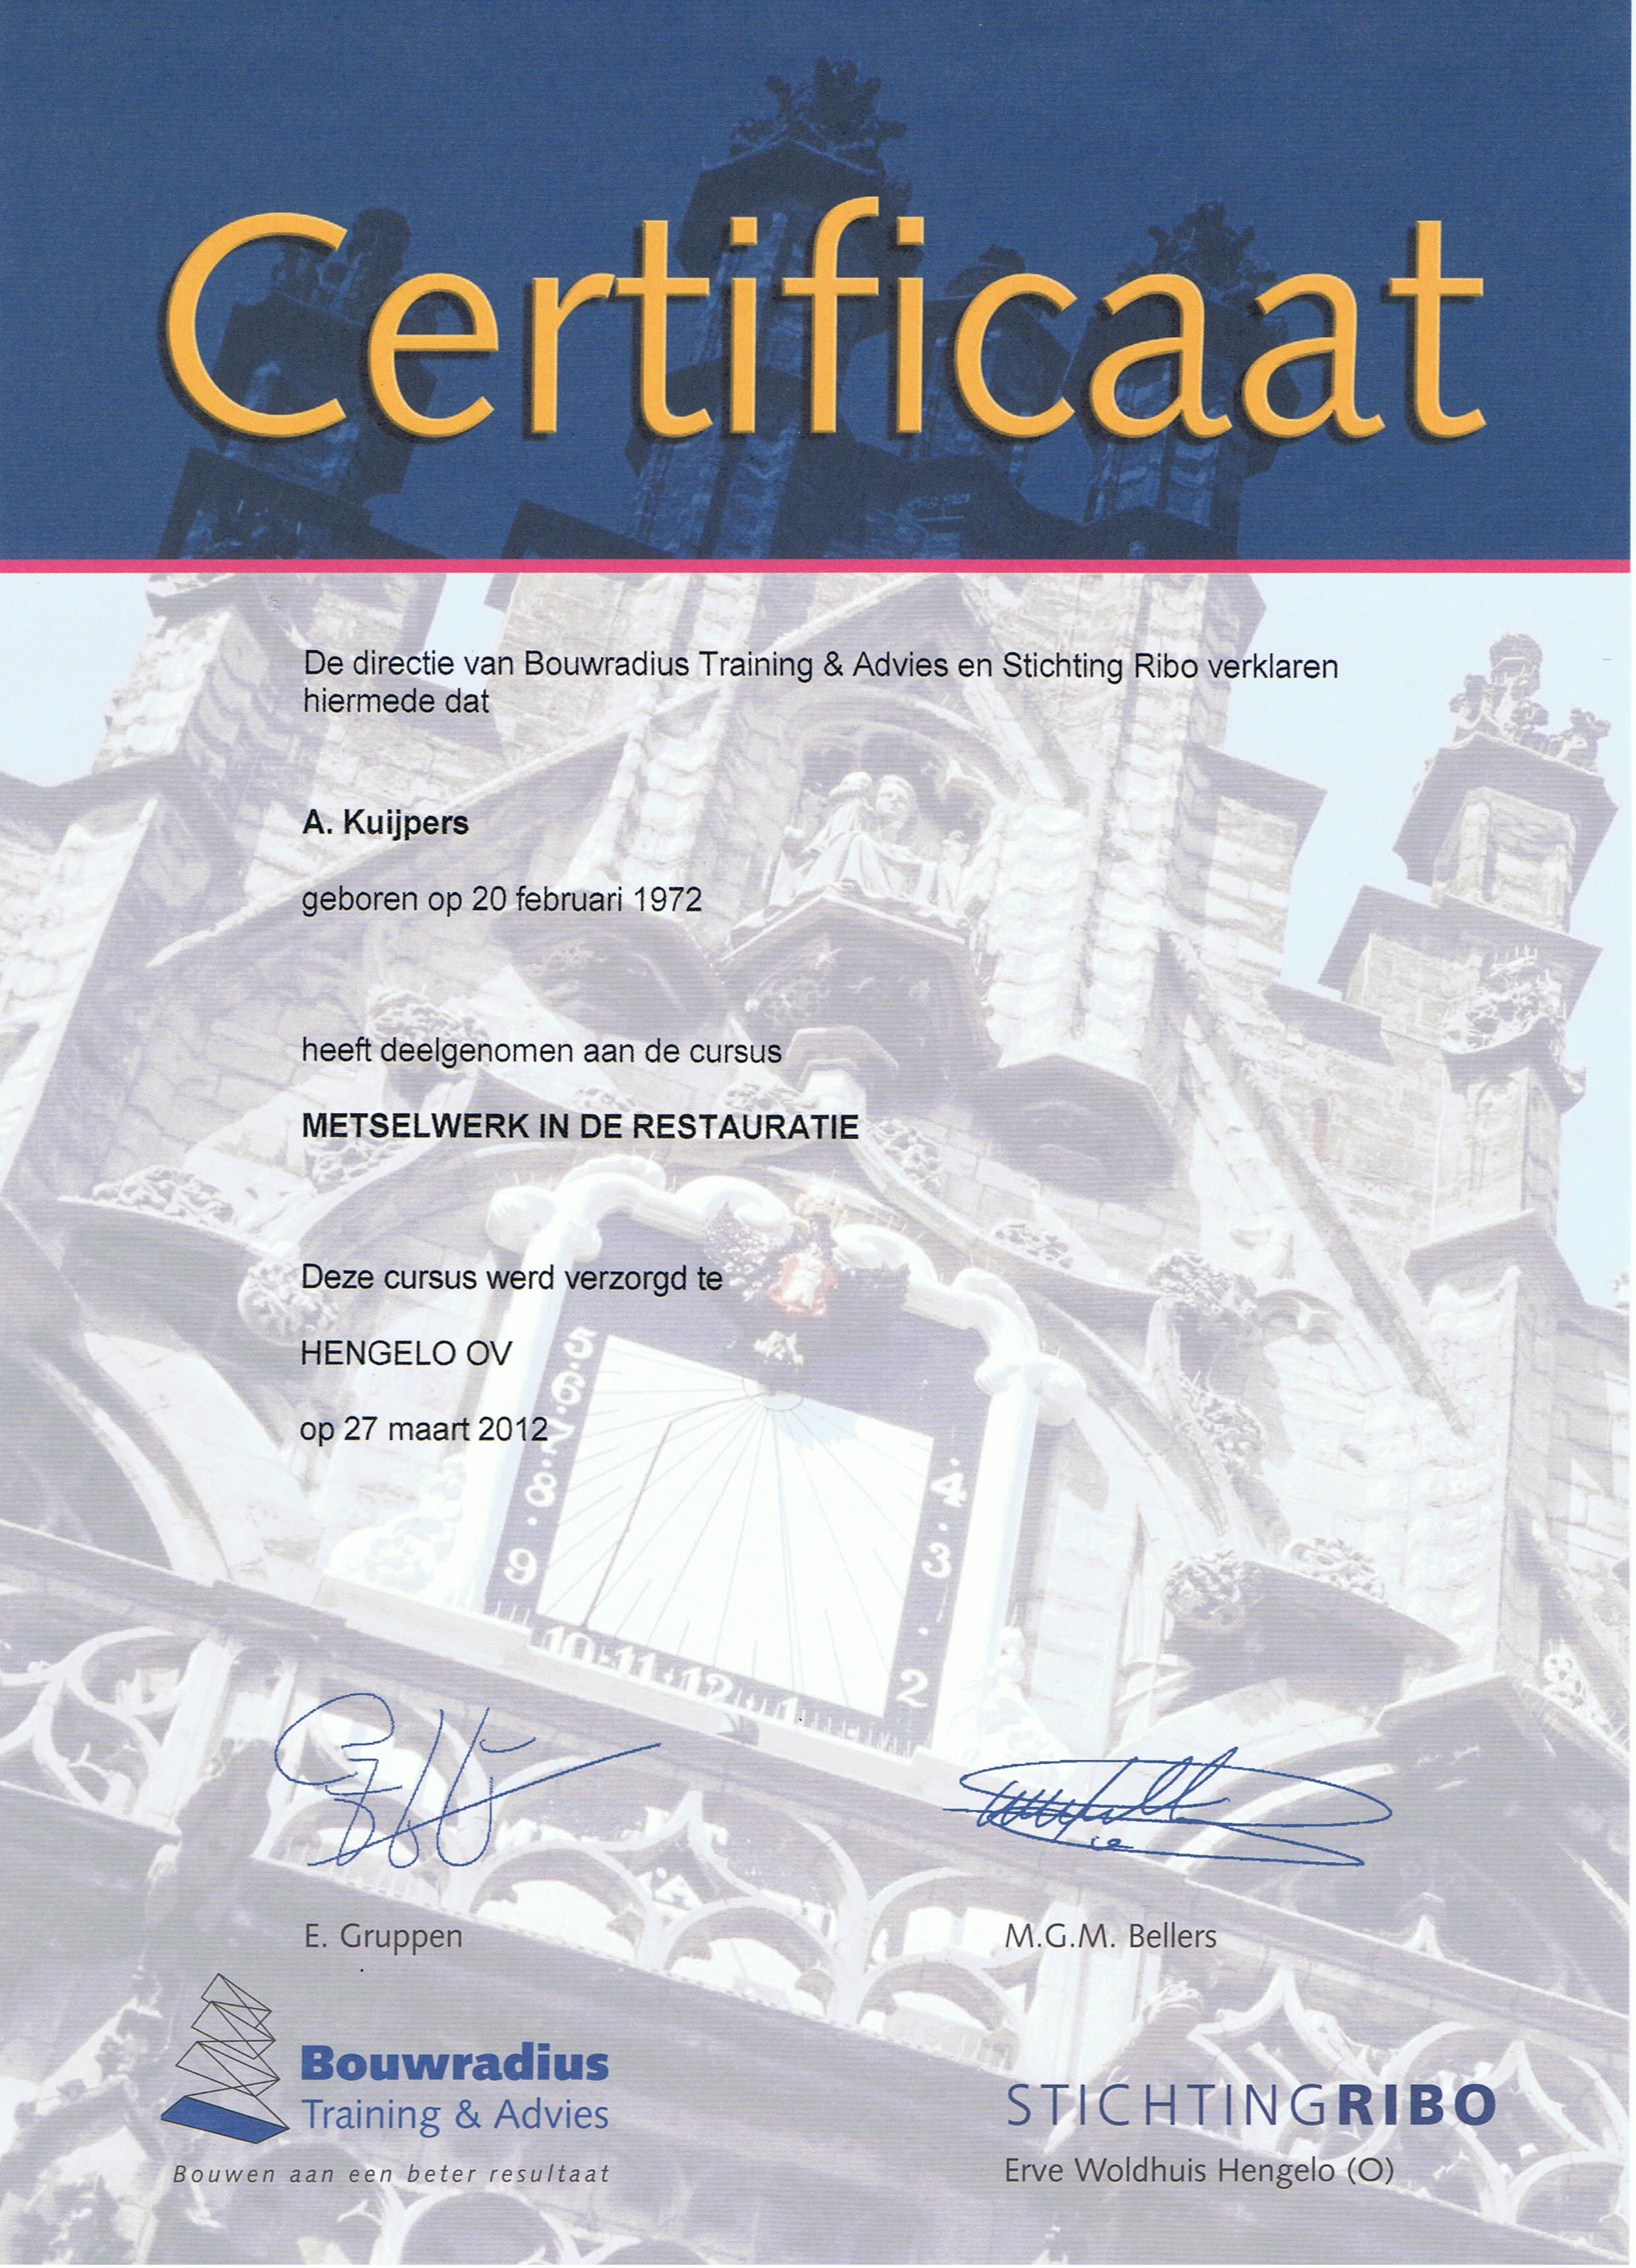 Certificaat Stichting RIBO Metselwerk in de Restauratie - Alex Kuijpers Voegbedrijf en Gevelrenovatie